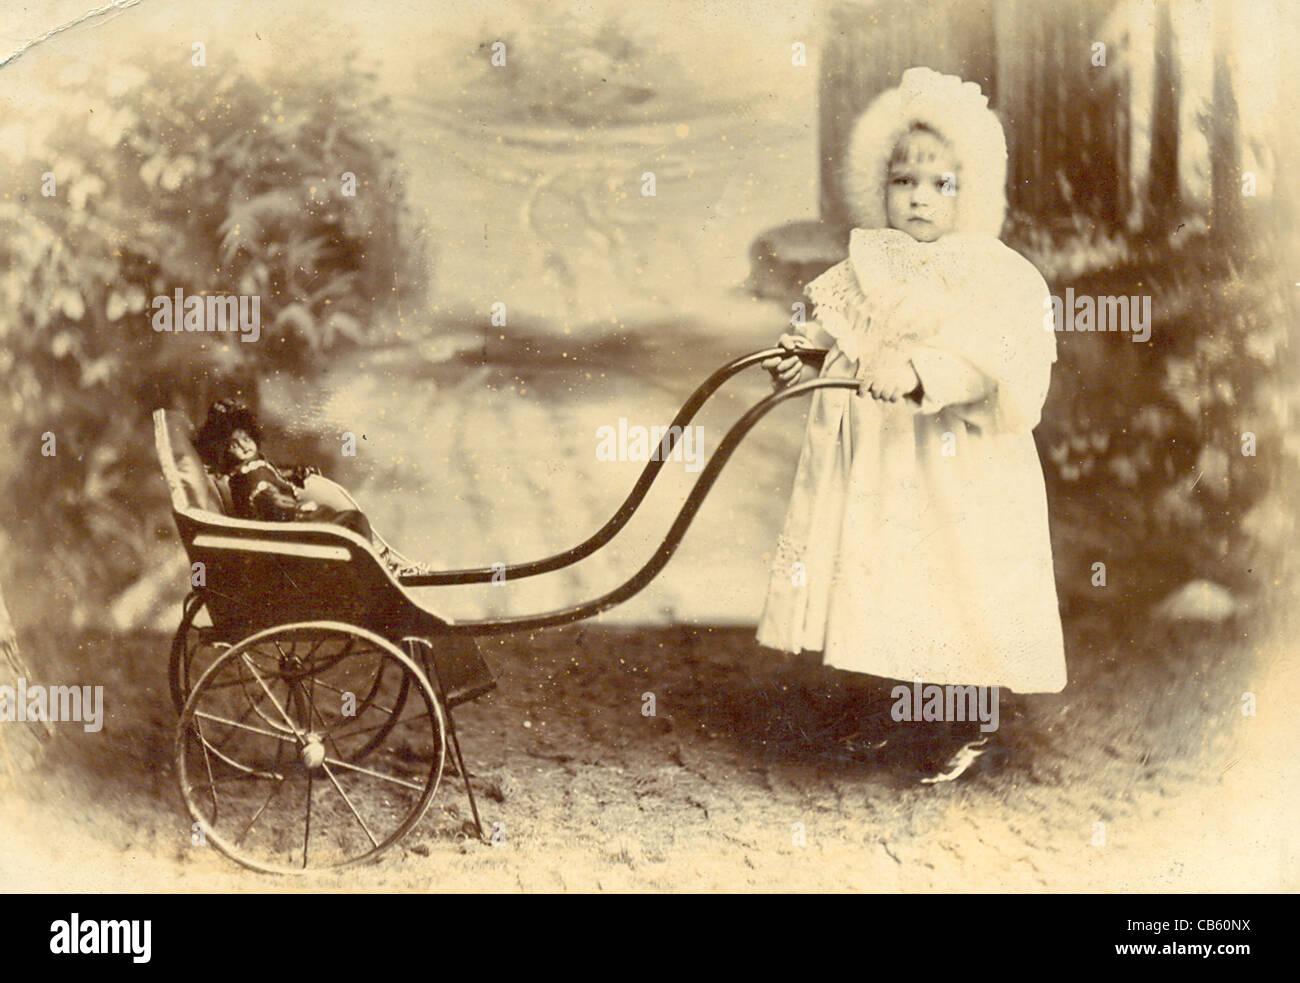 Fotografía del gabinete de niño con cochecito y doll Imagen De Stock